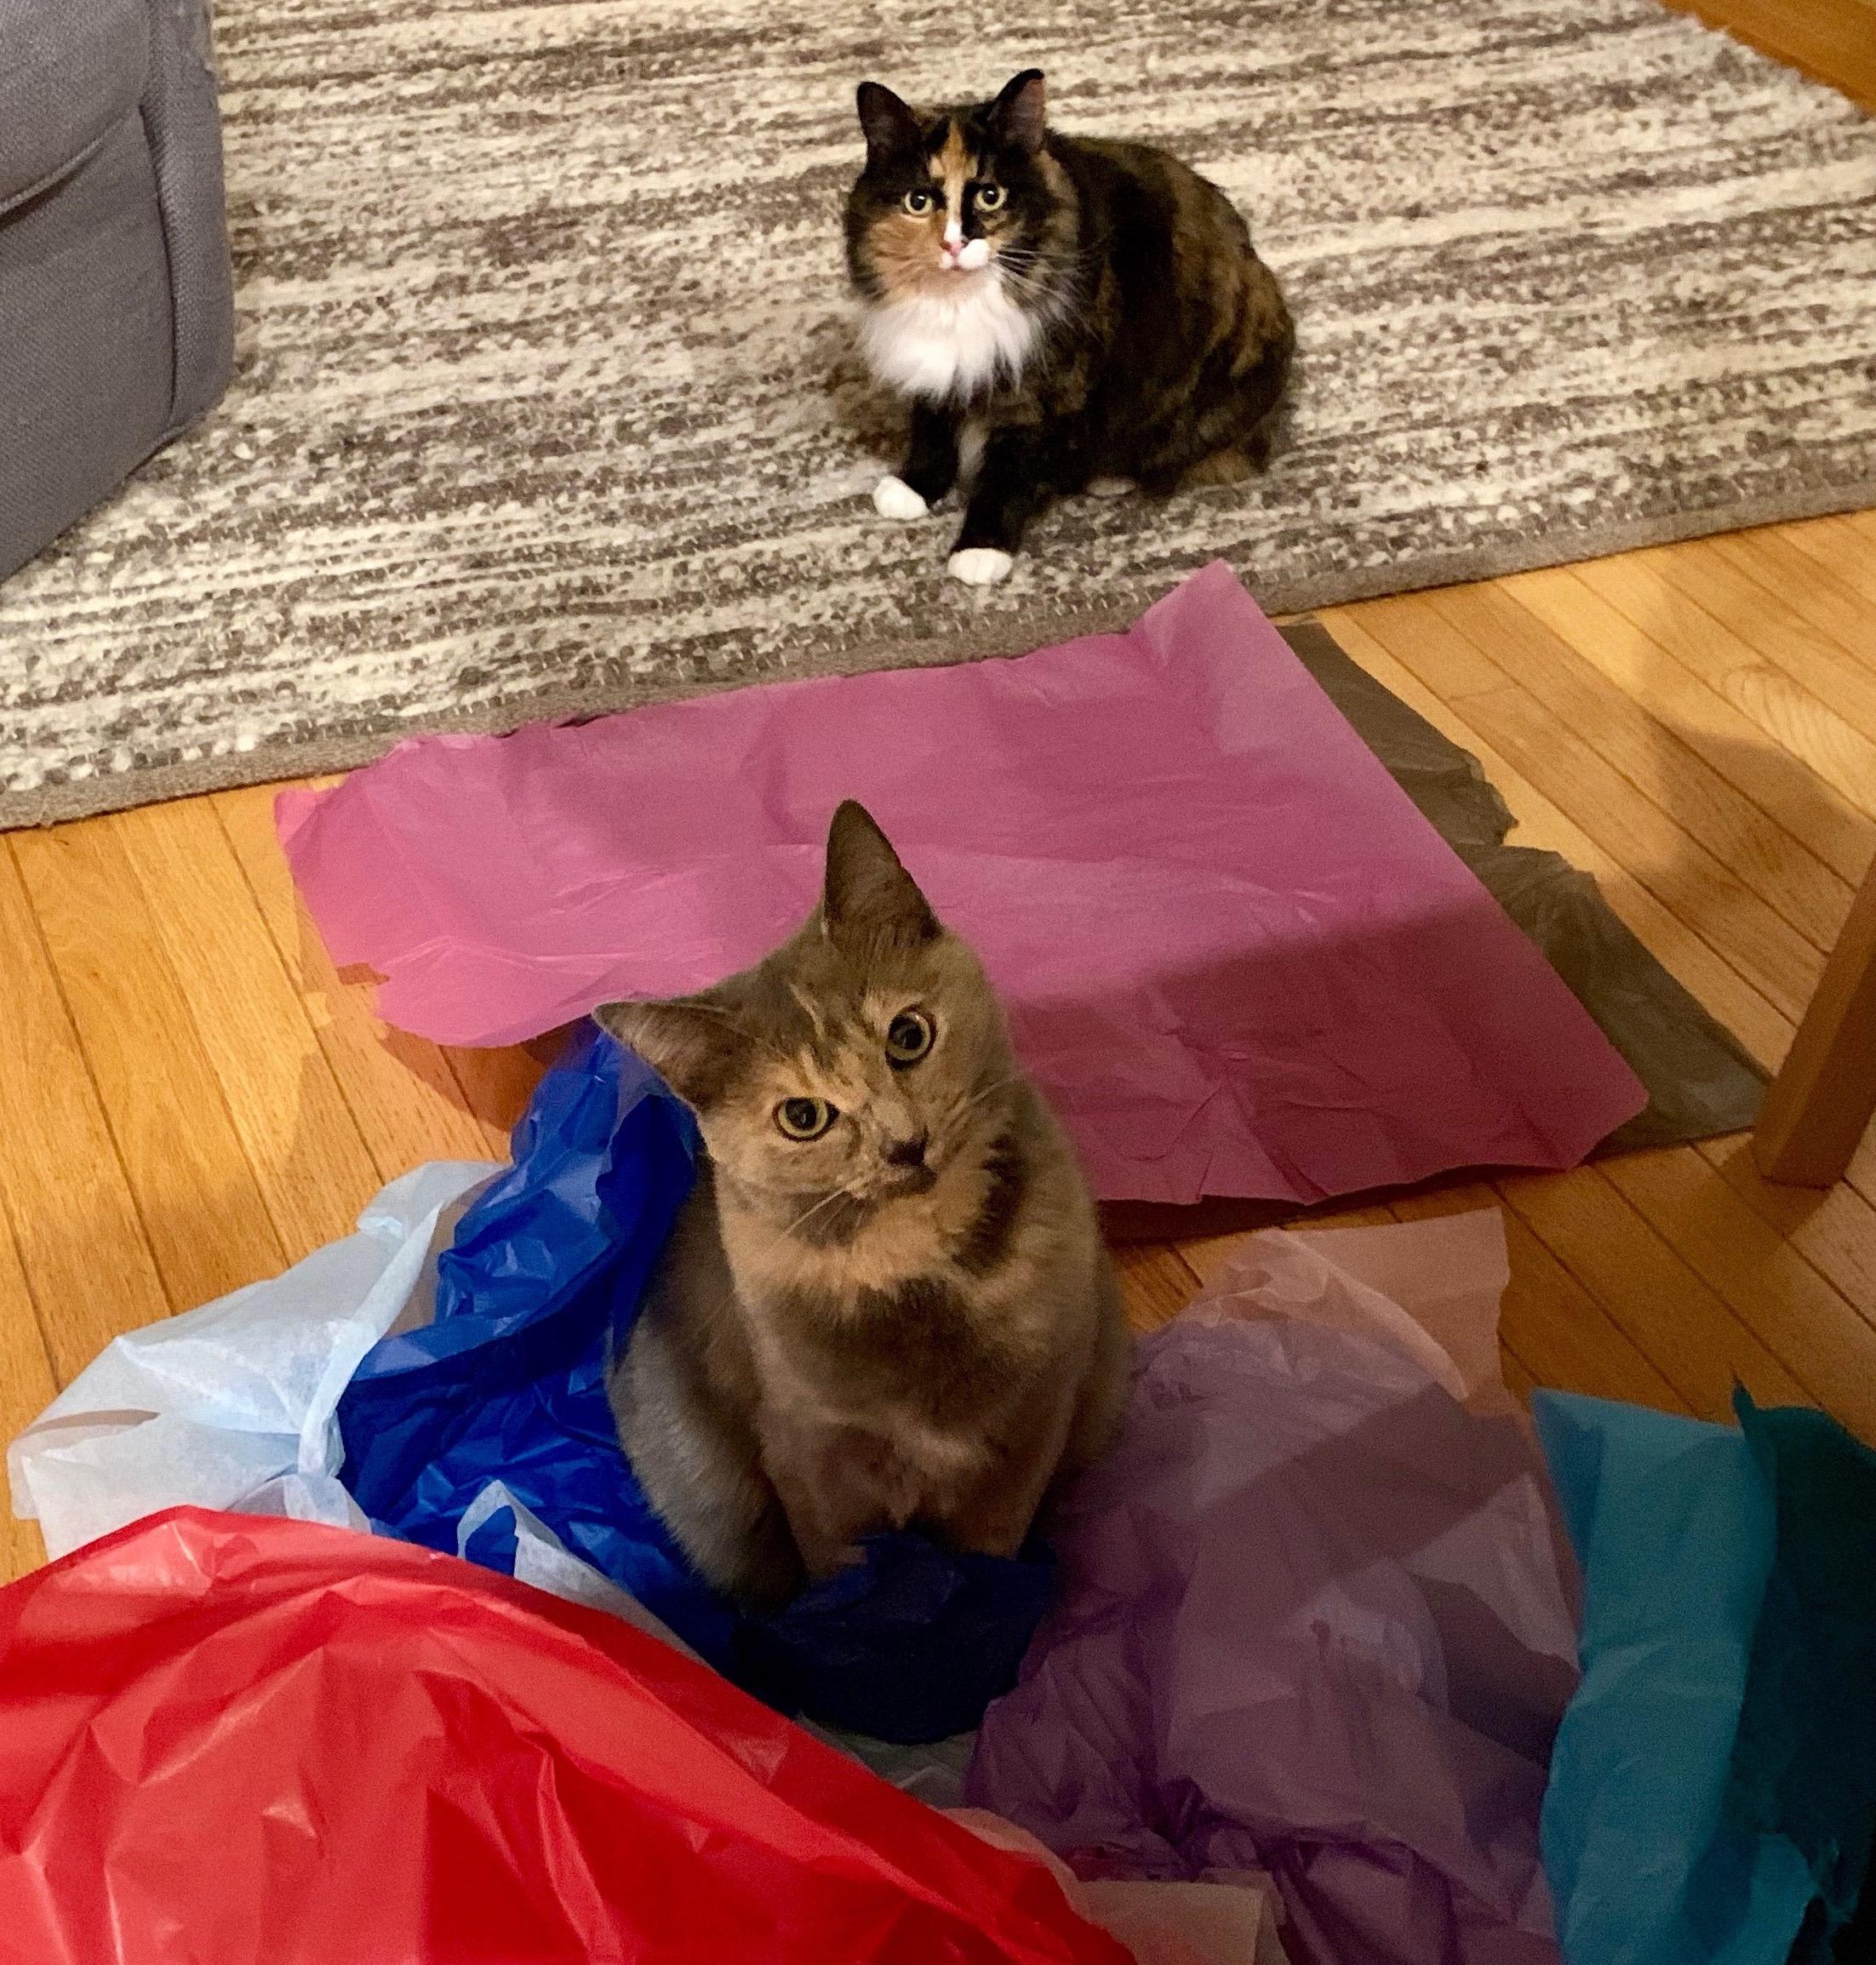 Luggage & Bags Amicable Cute Cat Ear Metal Bag Handle Replacement For Diy Shoulder Bags Making Handbag